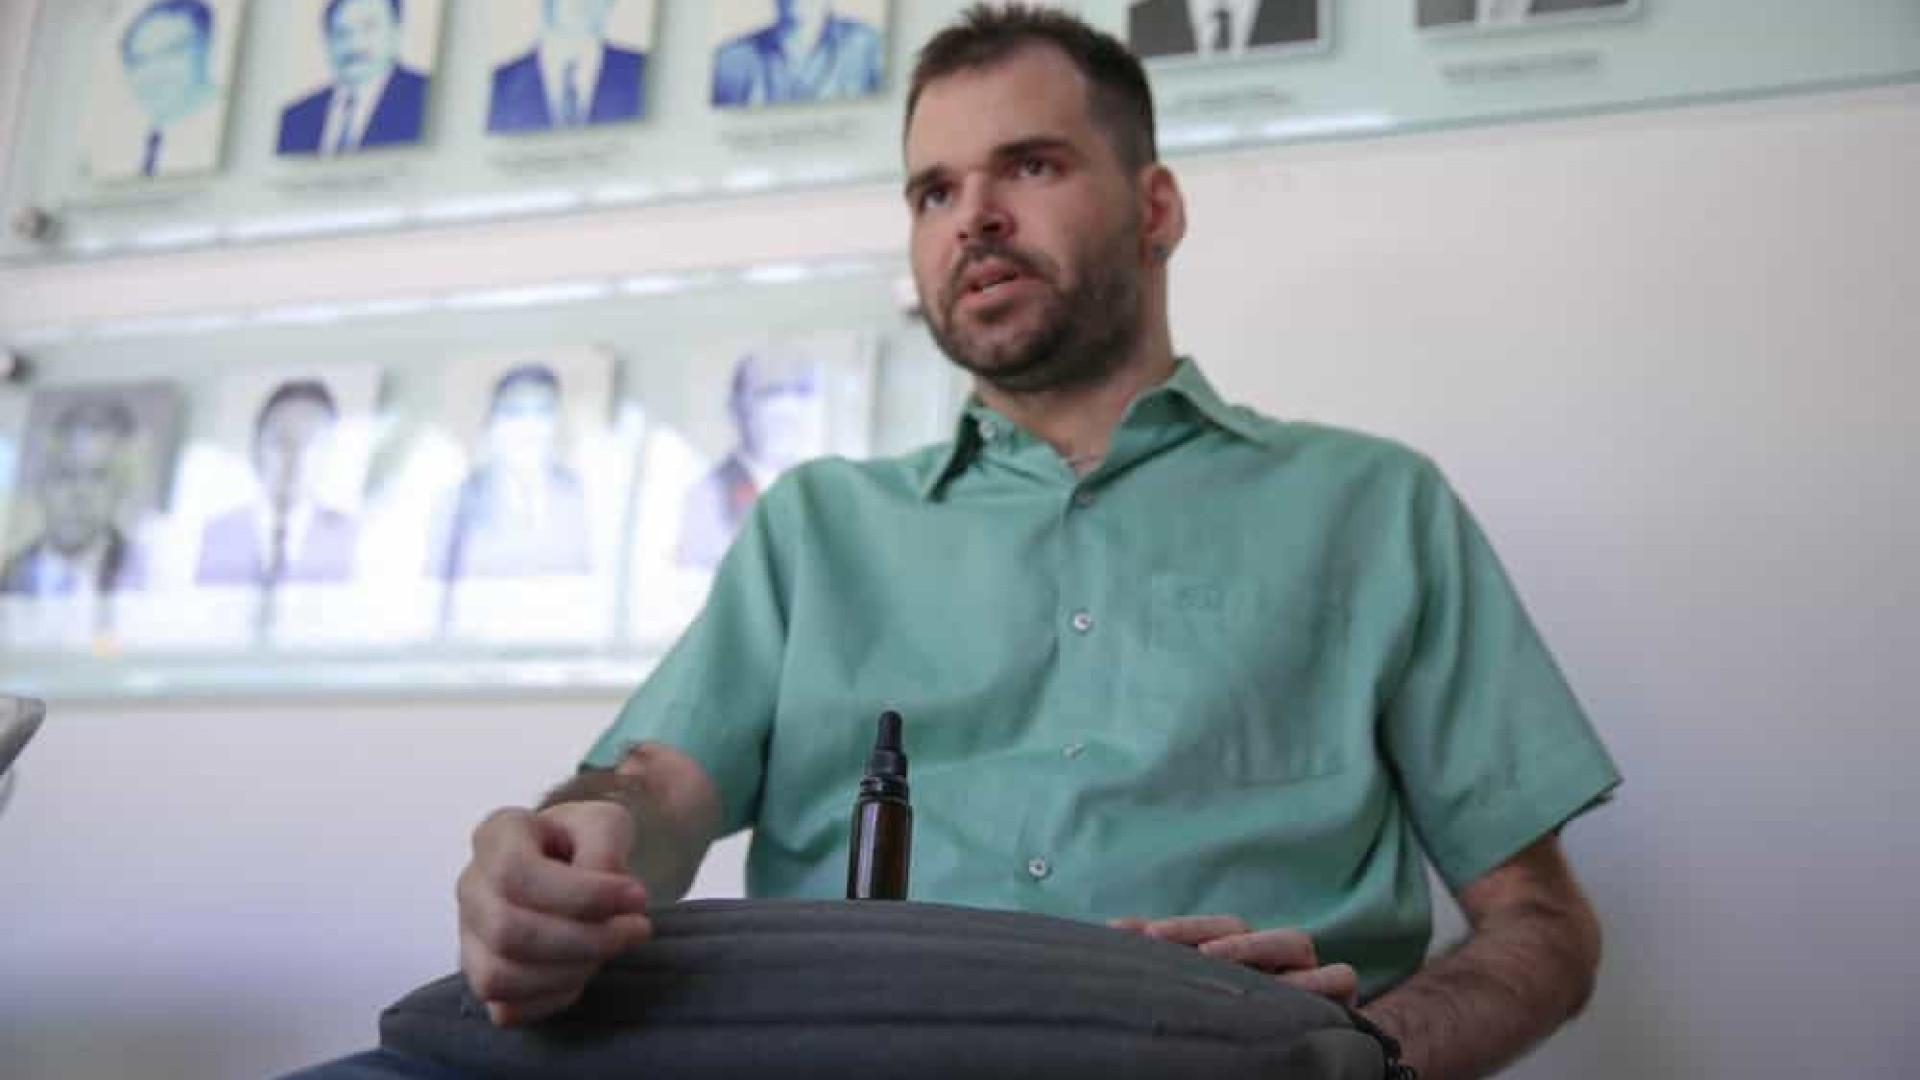 Brasileiro autorizado a cultivar cannabis acredita em uso medicinal